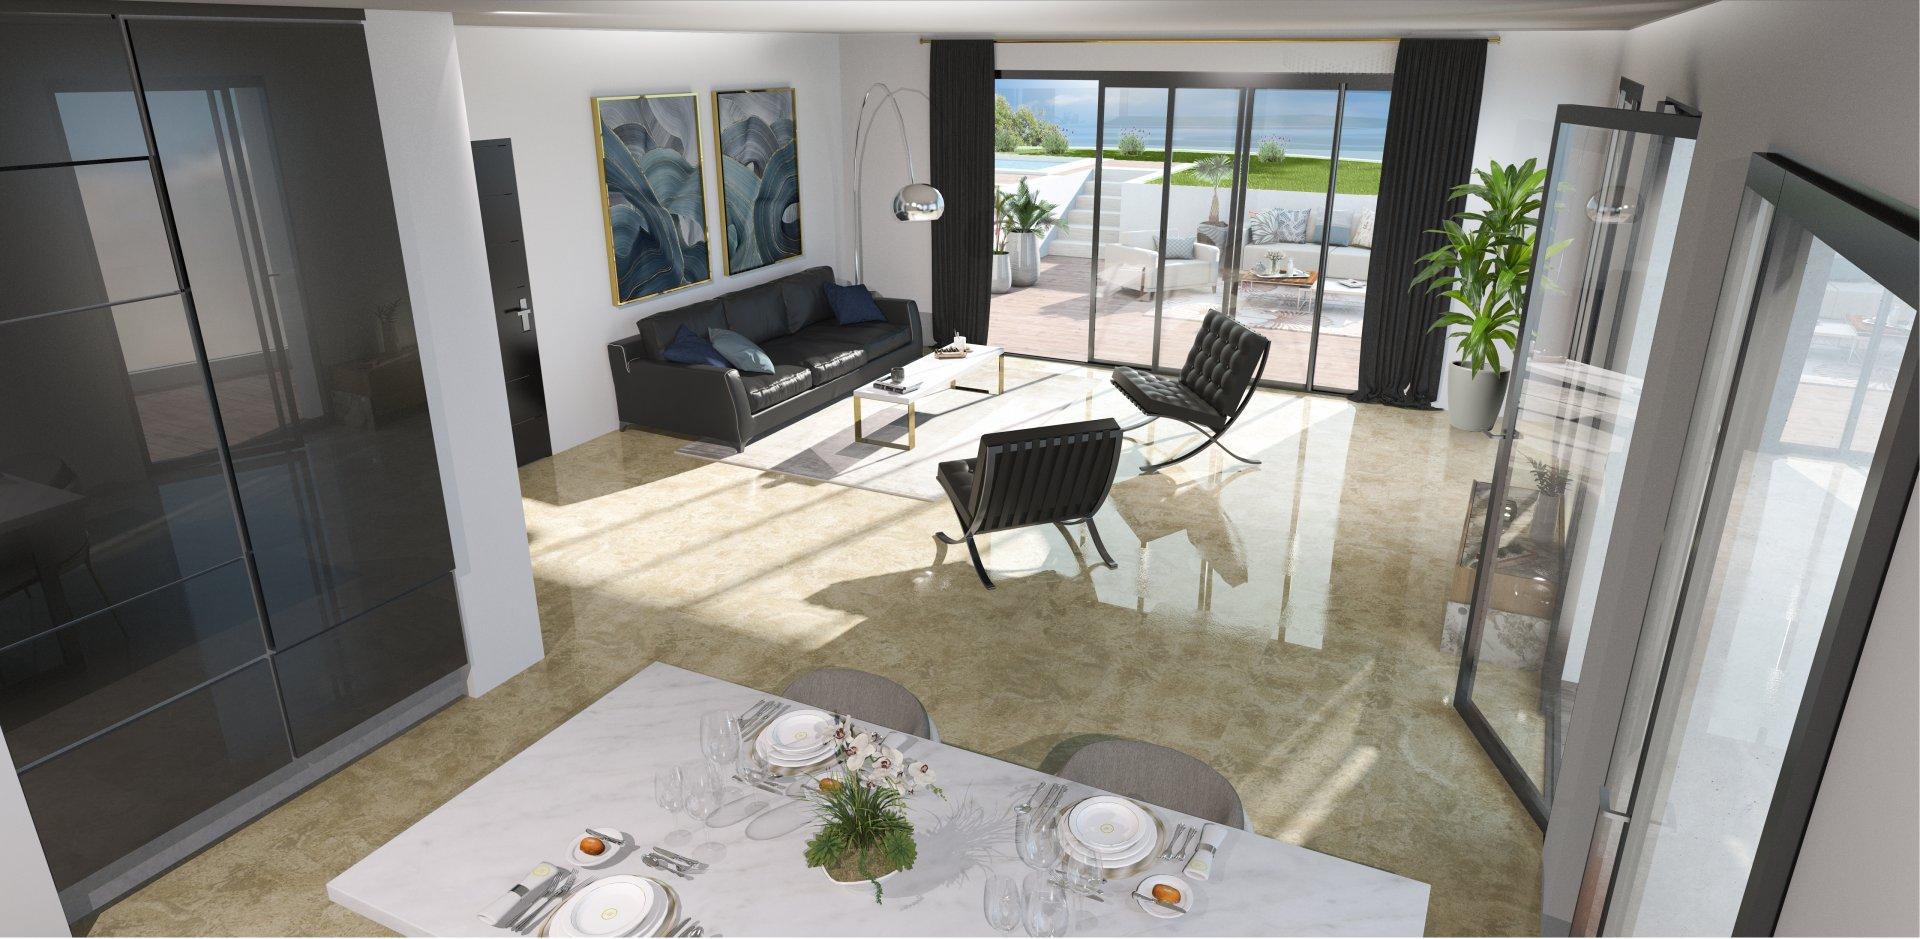 TRAVERSANT SUD -  Appartement T4 de 104,5m2 avec deux terrasses